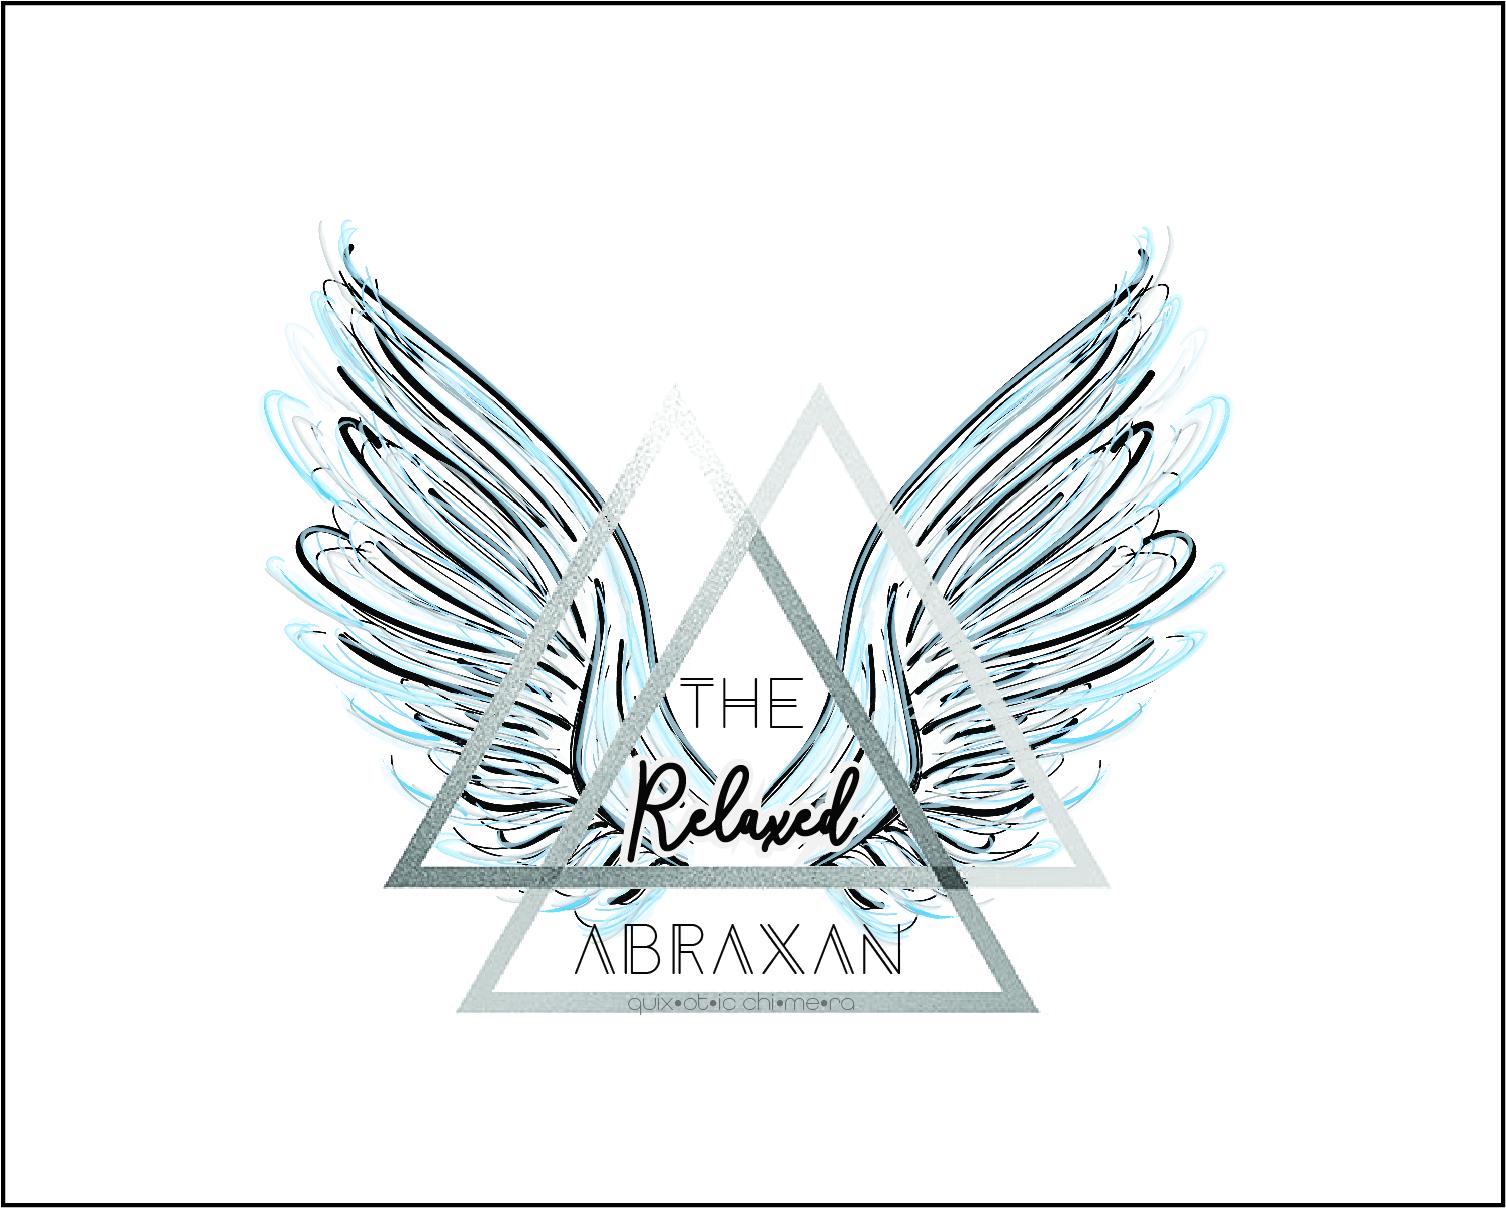 relaxed abraxan bold color smaller.jpg